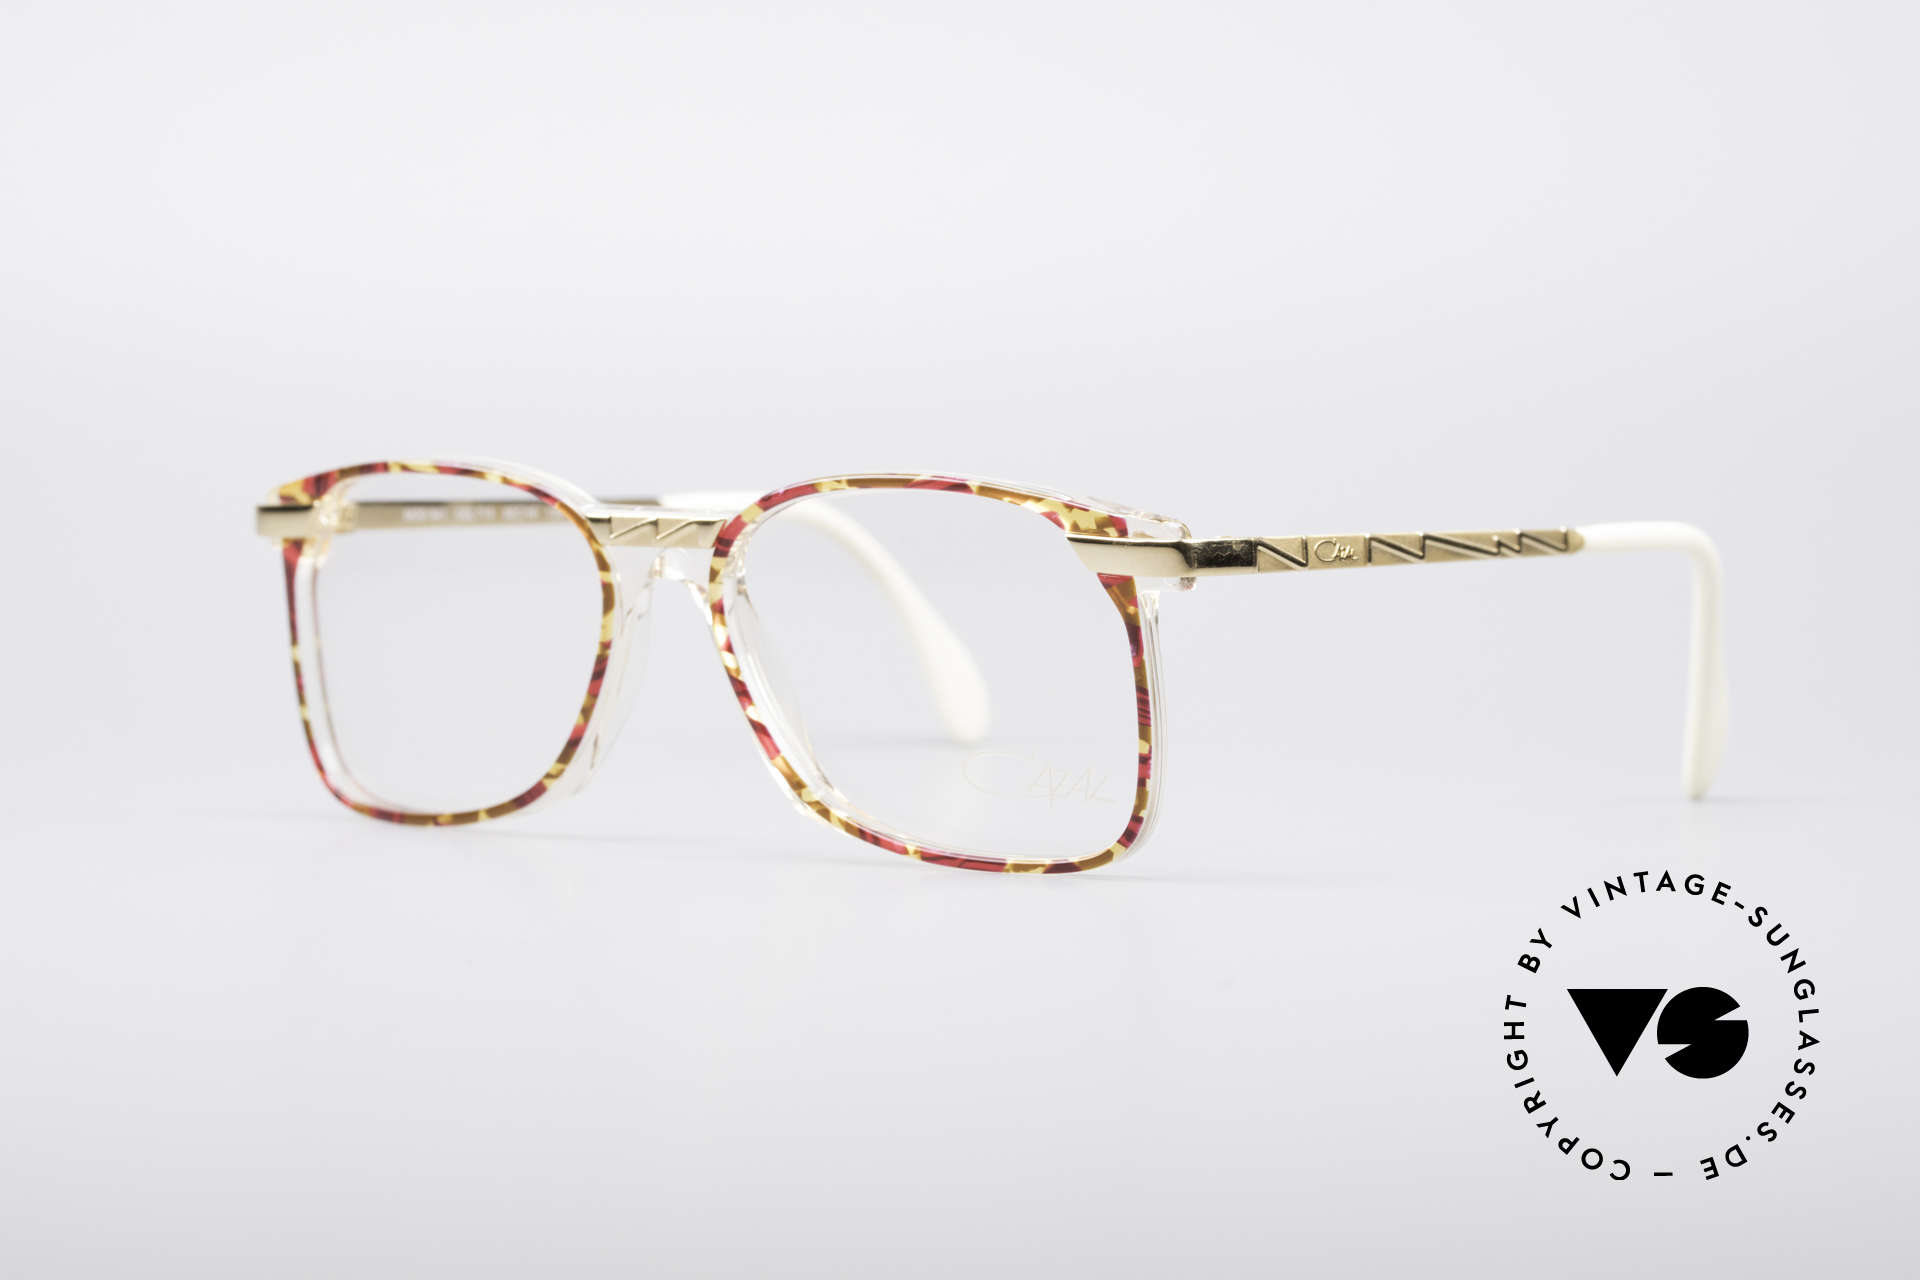 Cazal 341 Vintage No Retro Brille 90er, geniale Trageeigenschaften und Rahmenstabilität, Passend für Damen